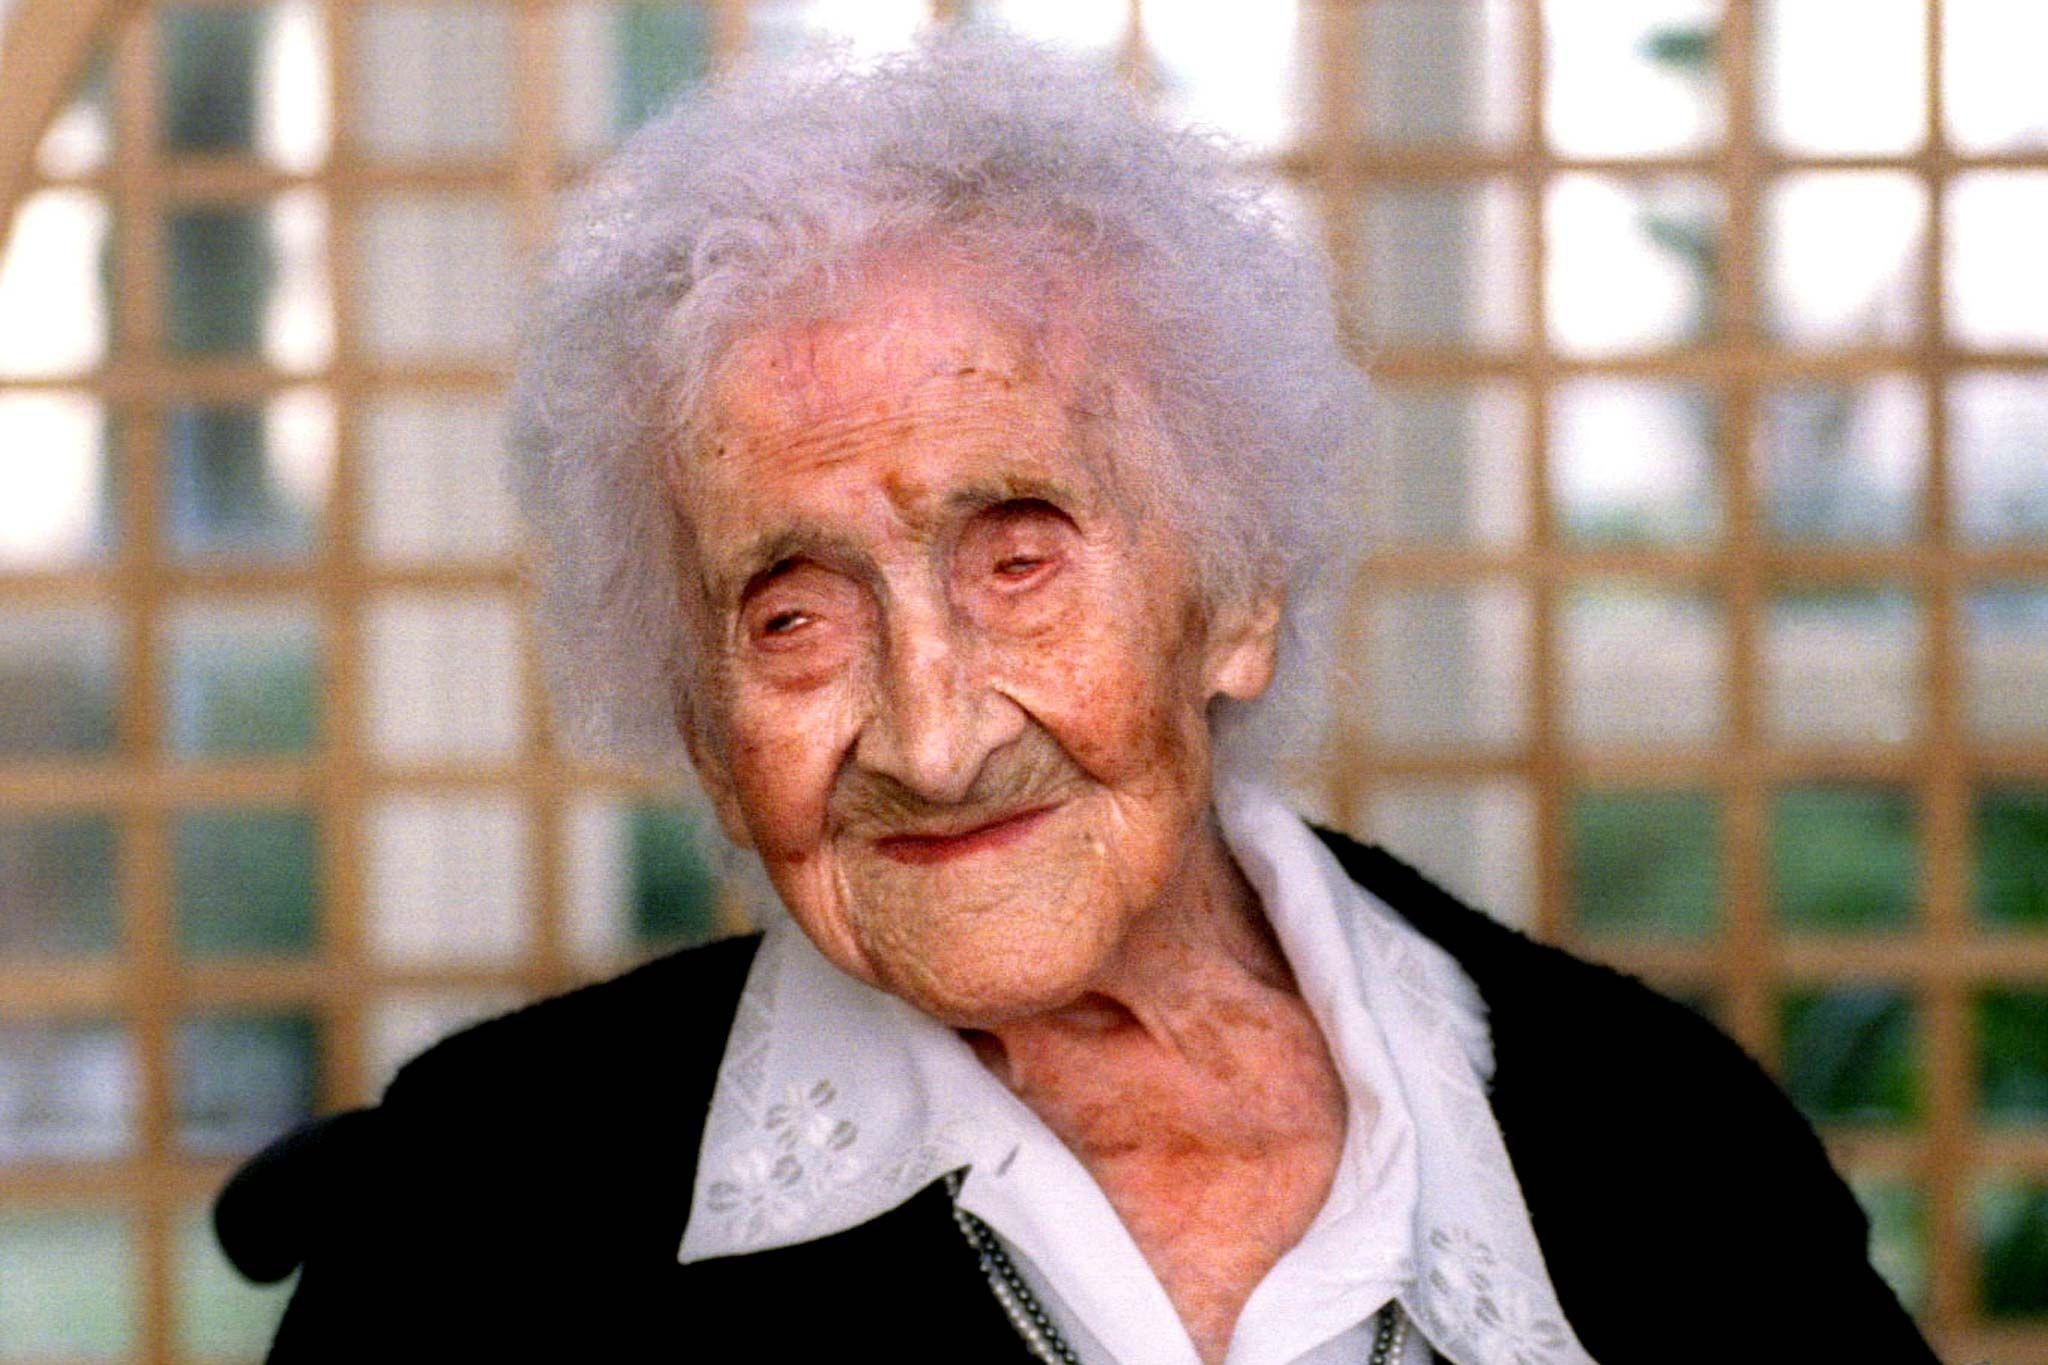 A mulher mais velha do mundo pode, afinal, ter mentido